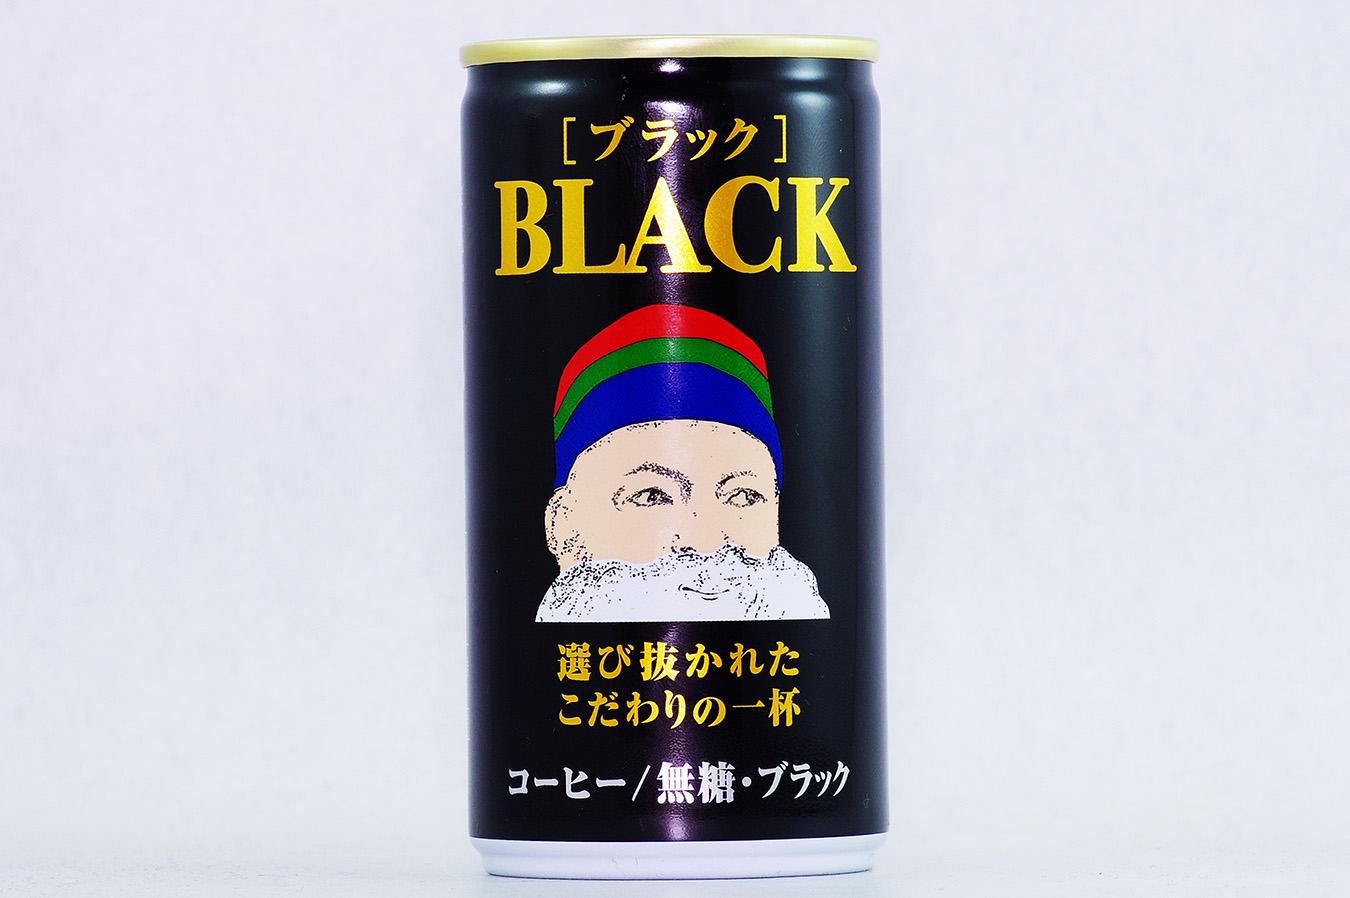 ブラック 2016年12月